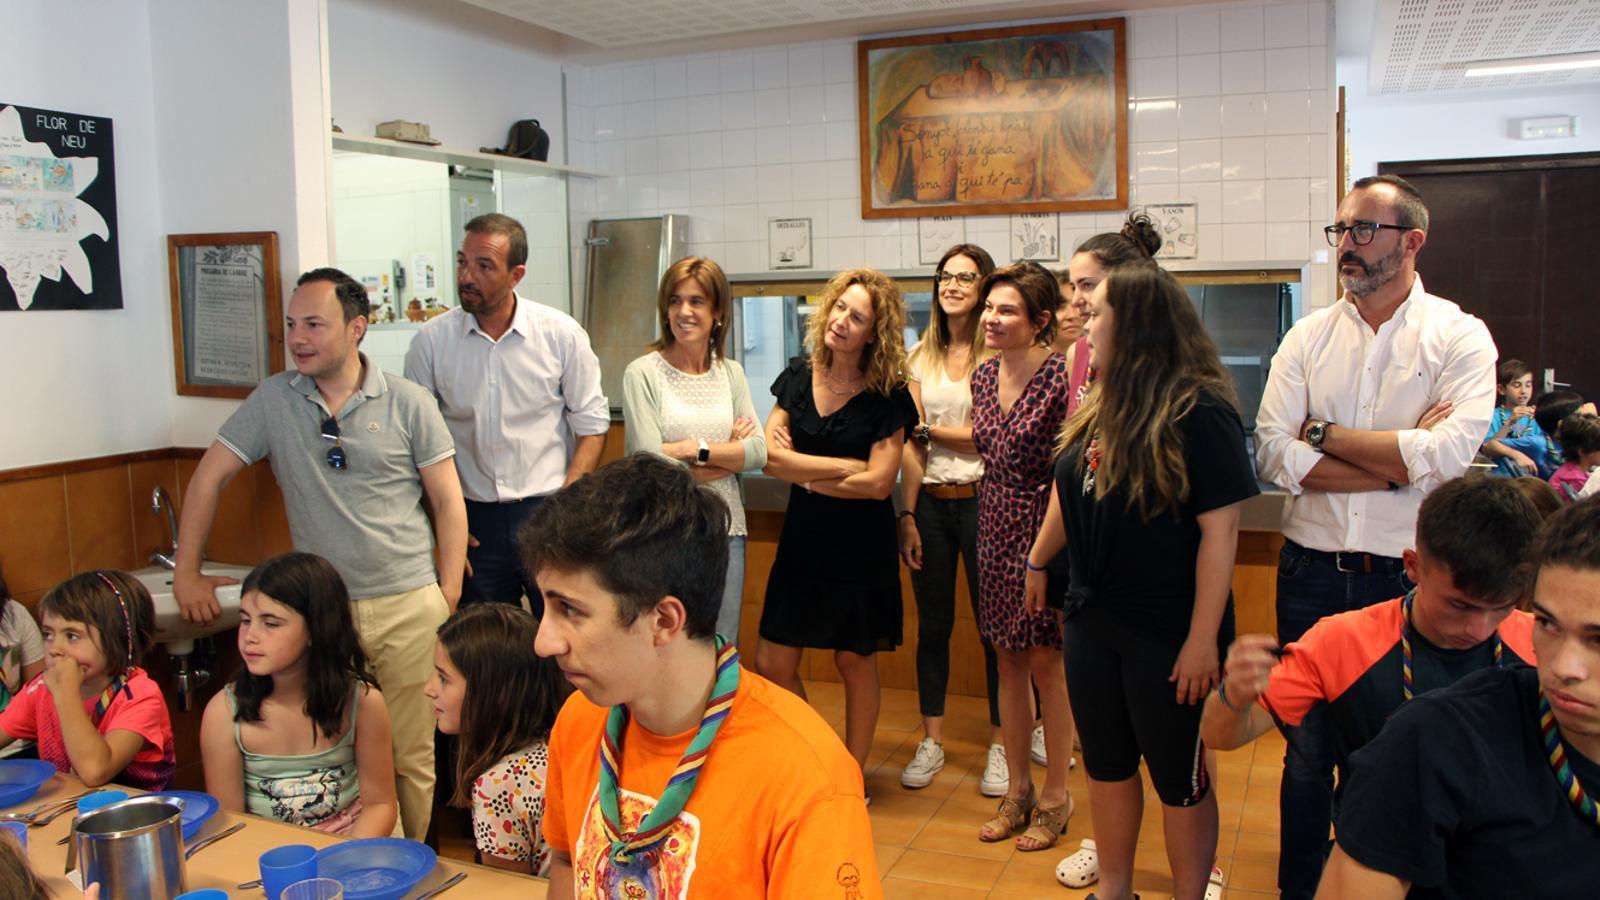 Part de l'executiu visita la casa de colònies Aina. / M. P. (ANA)